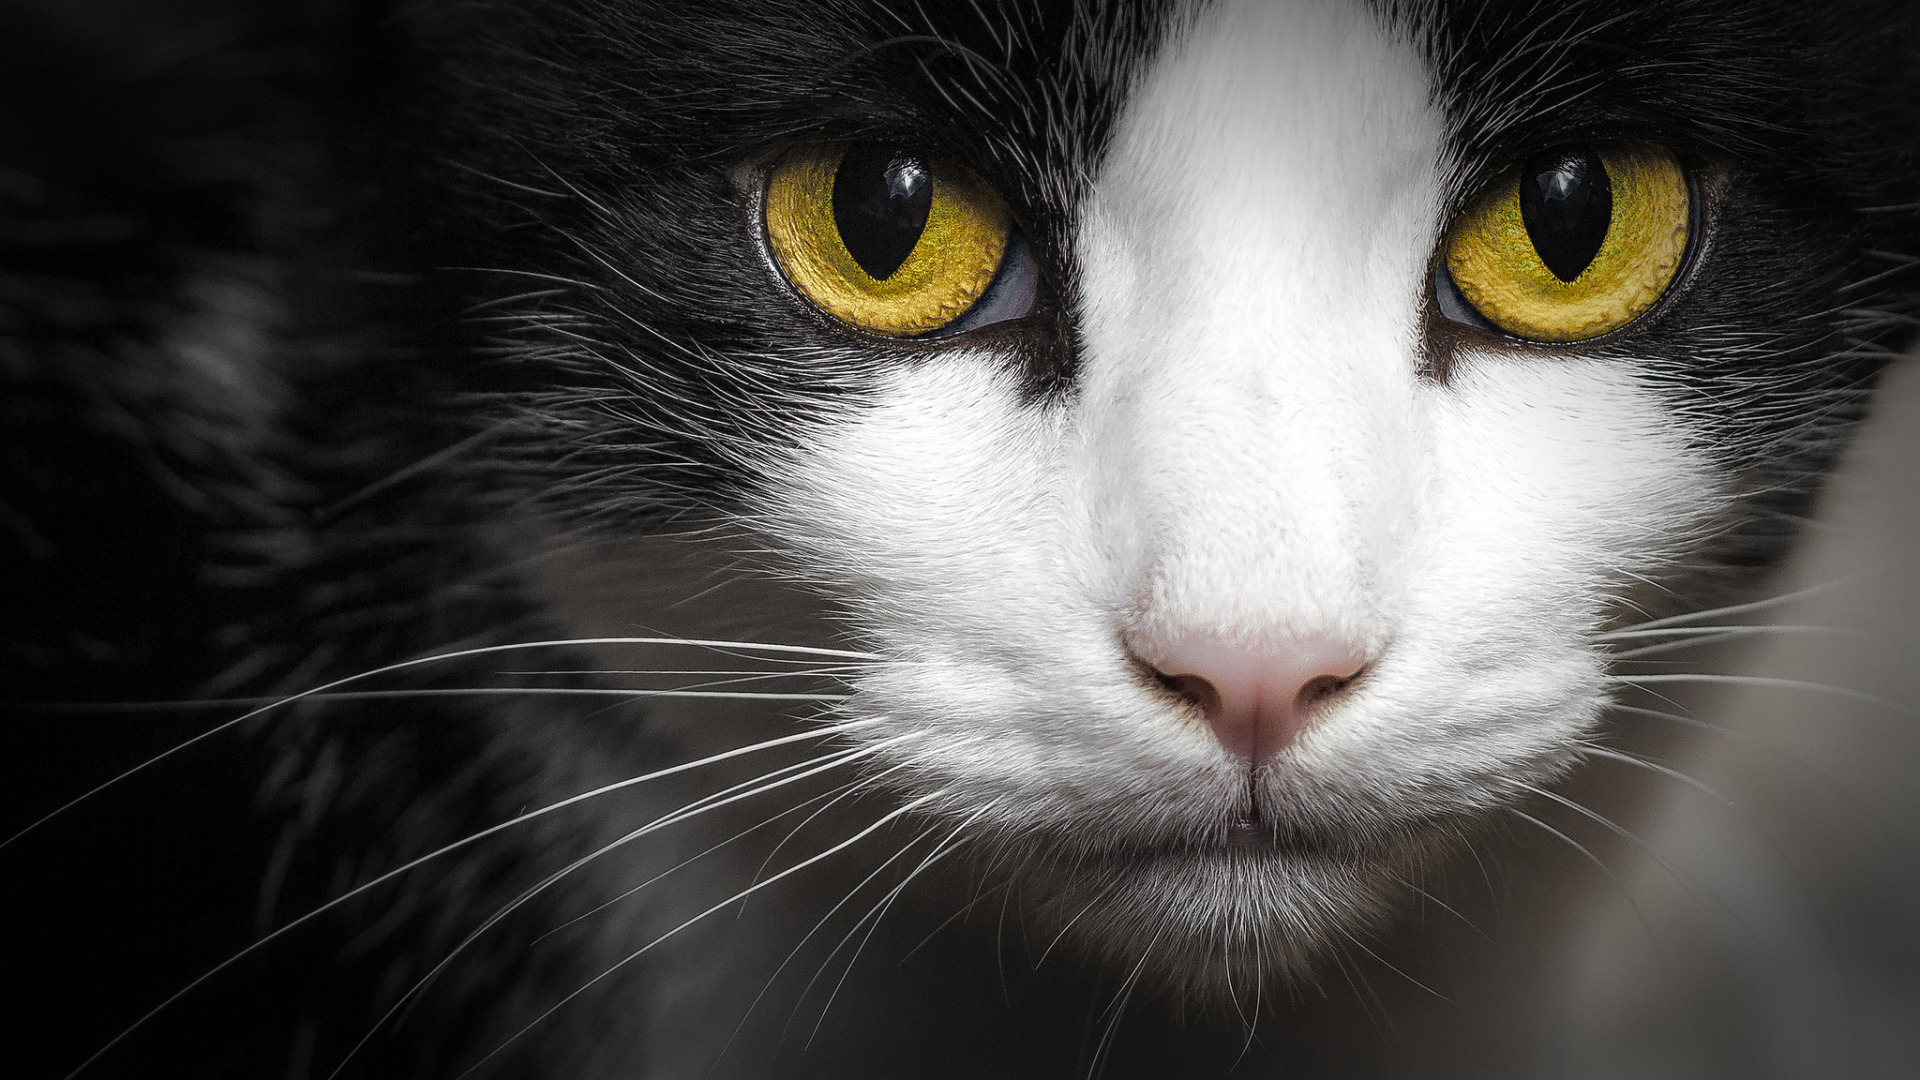 любимая тётушка, картинки белых котов с желтыми глазами готов свои средства